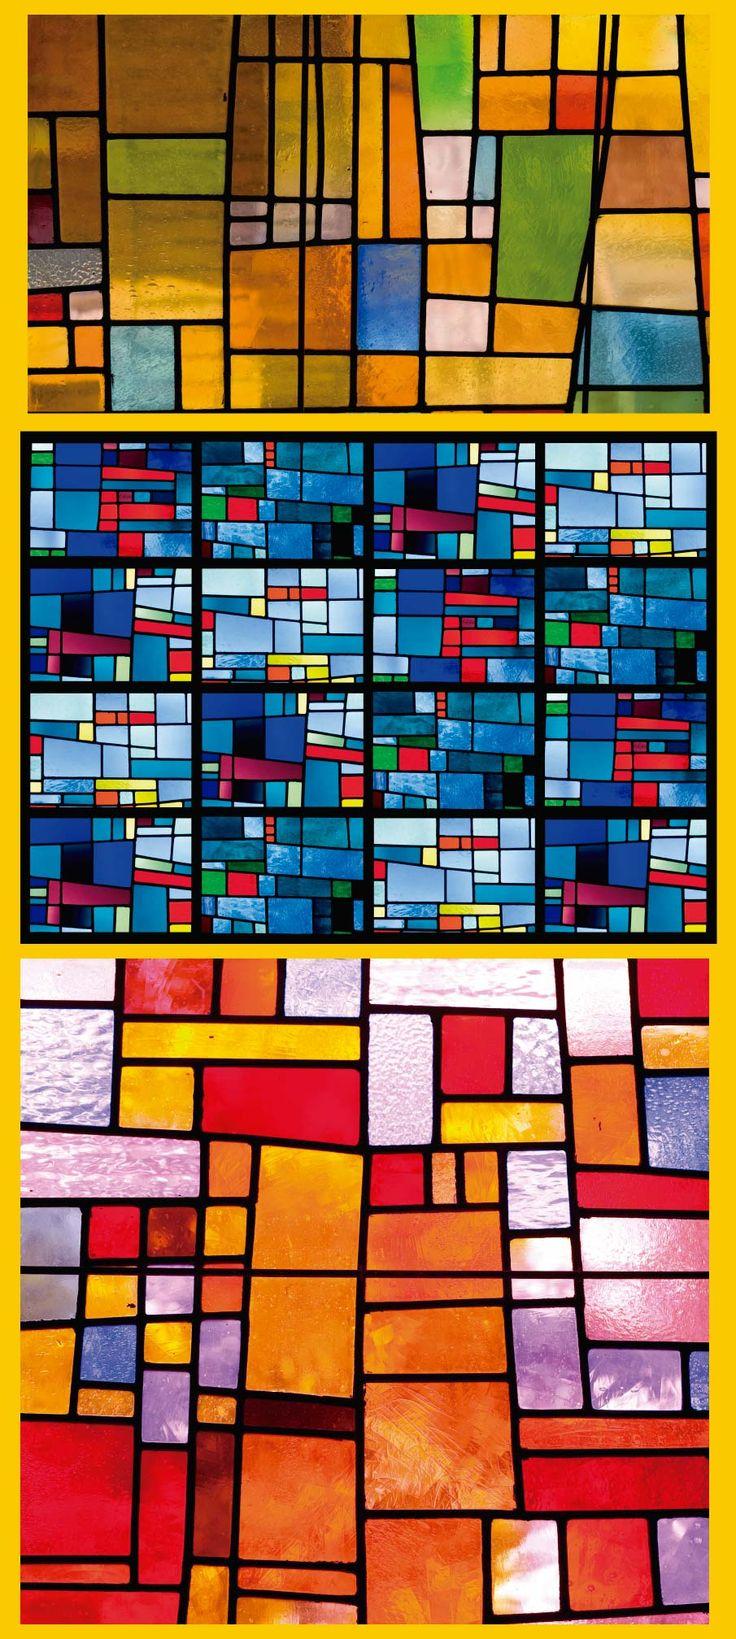 Vitraux vitro vinilo decorativo translucido vidrio for Vinilos decorativos vidrio